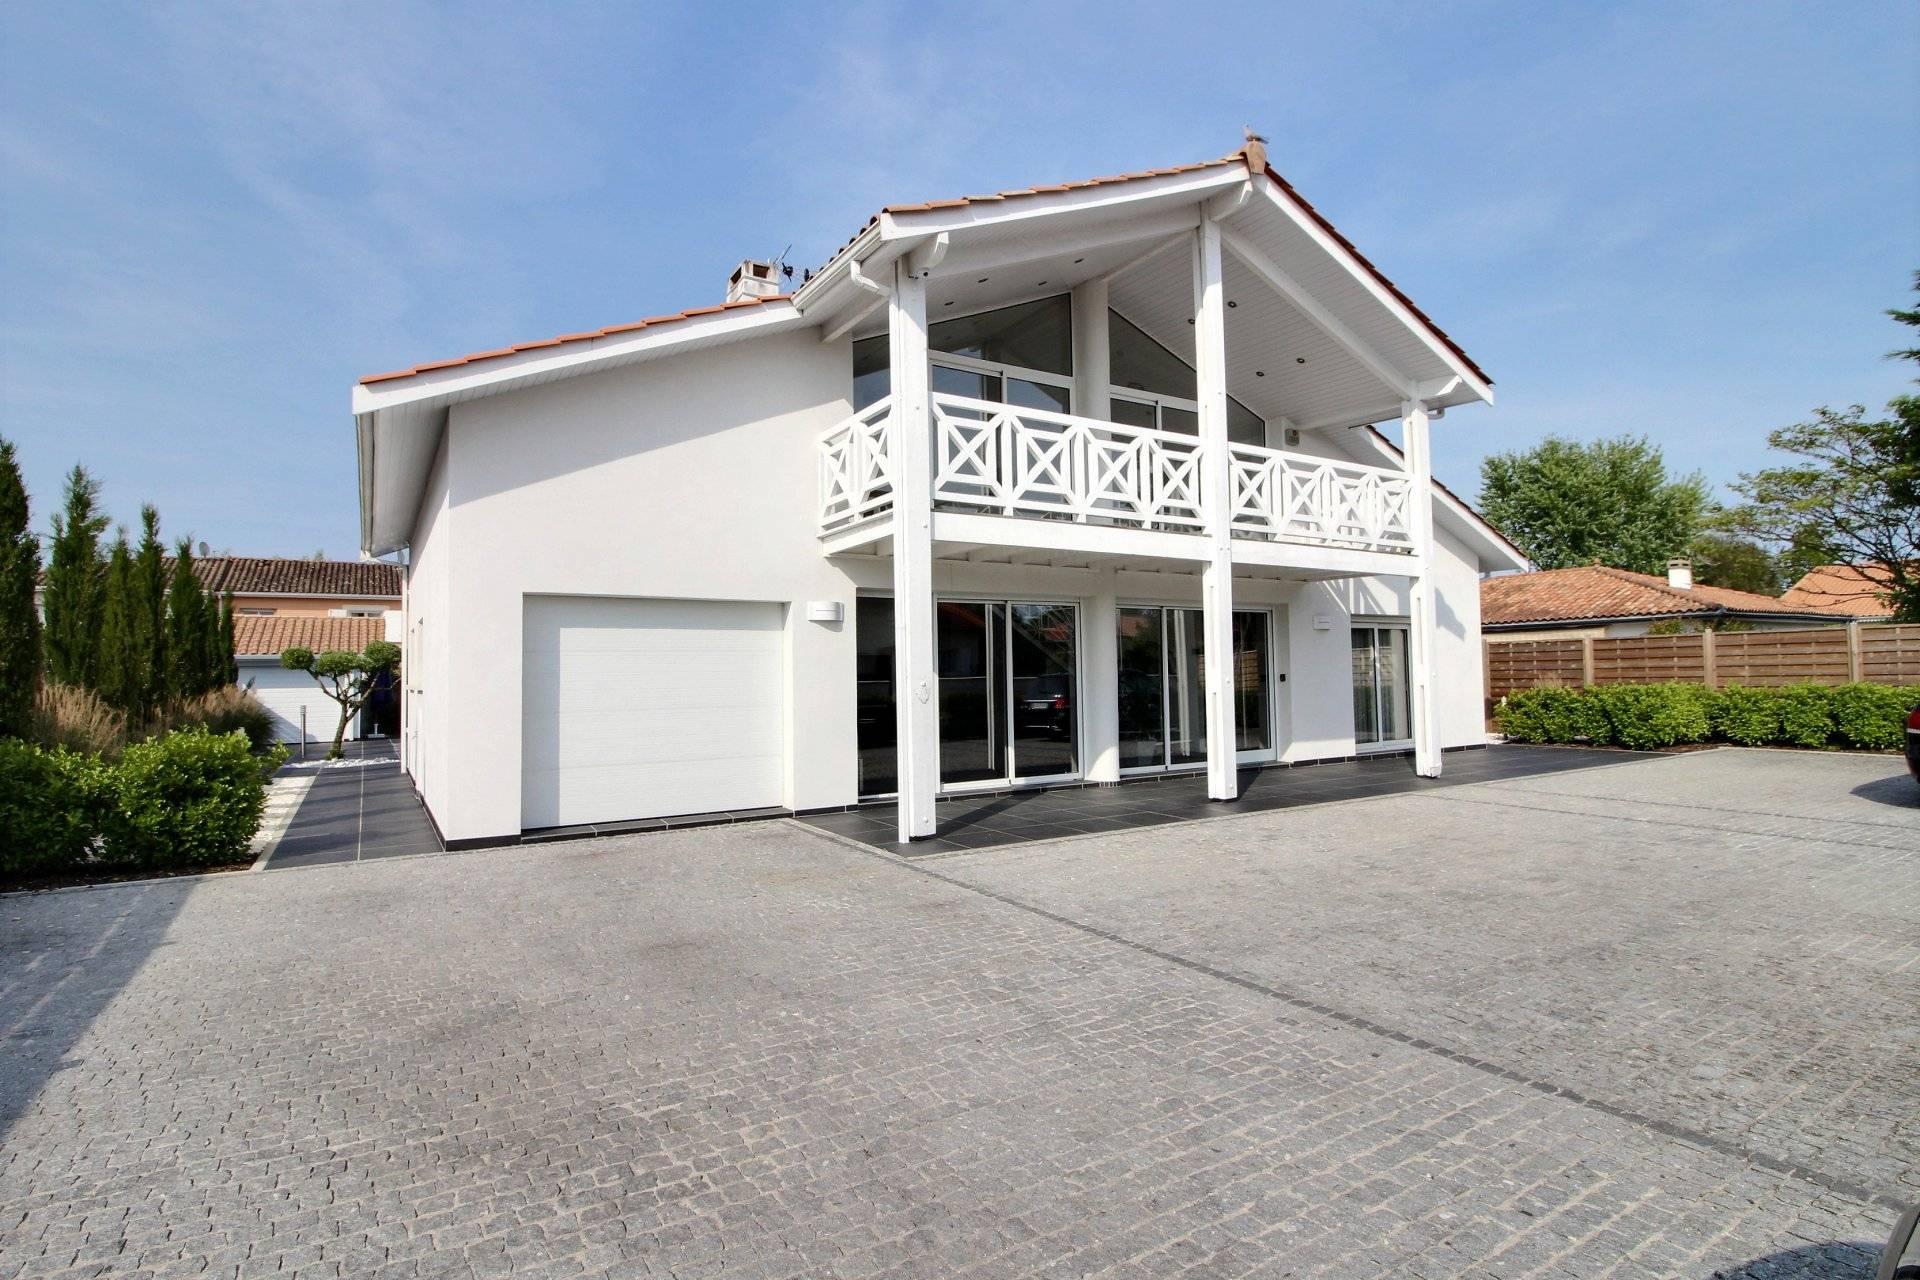 Maison contemporaine avec piscine a vendre proche bordeaux le haillan coldwell banker - Maison contemporaine bordeaux ...